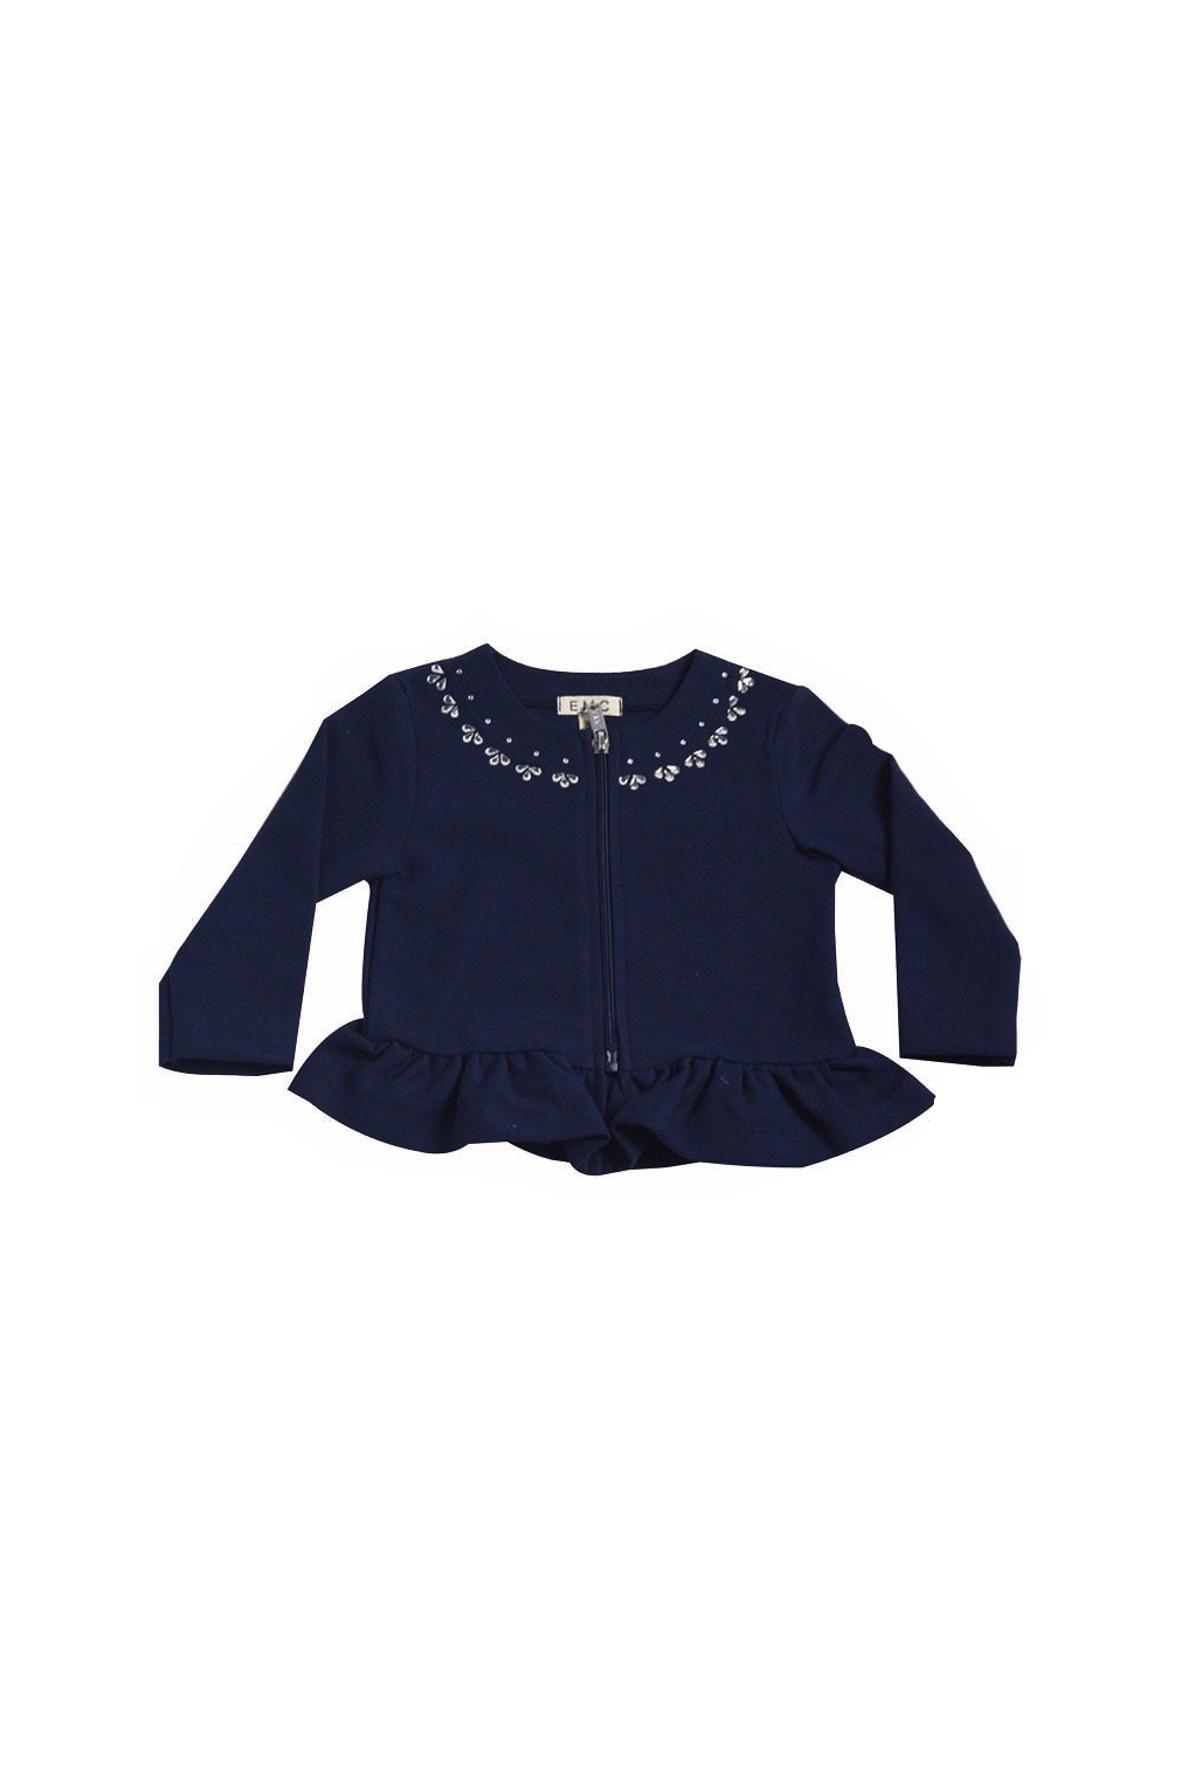 Bluza dziewczęca 100% bawełna